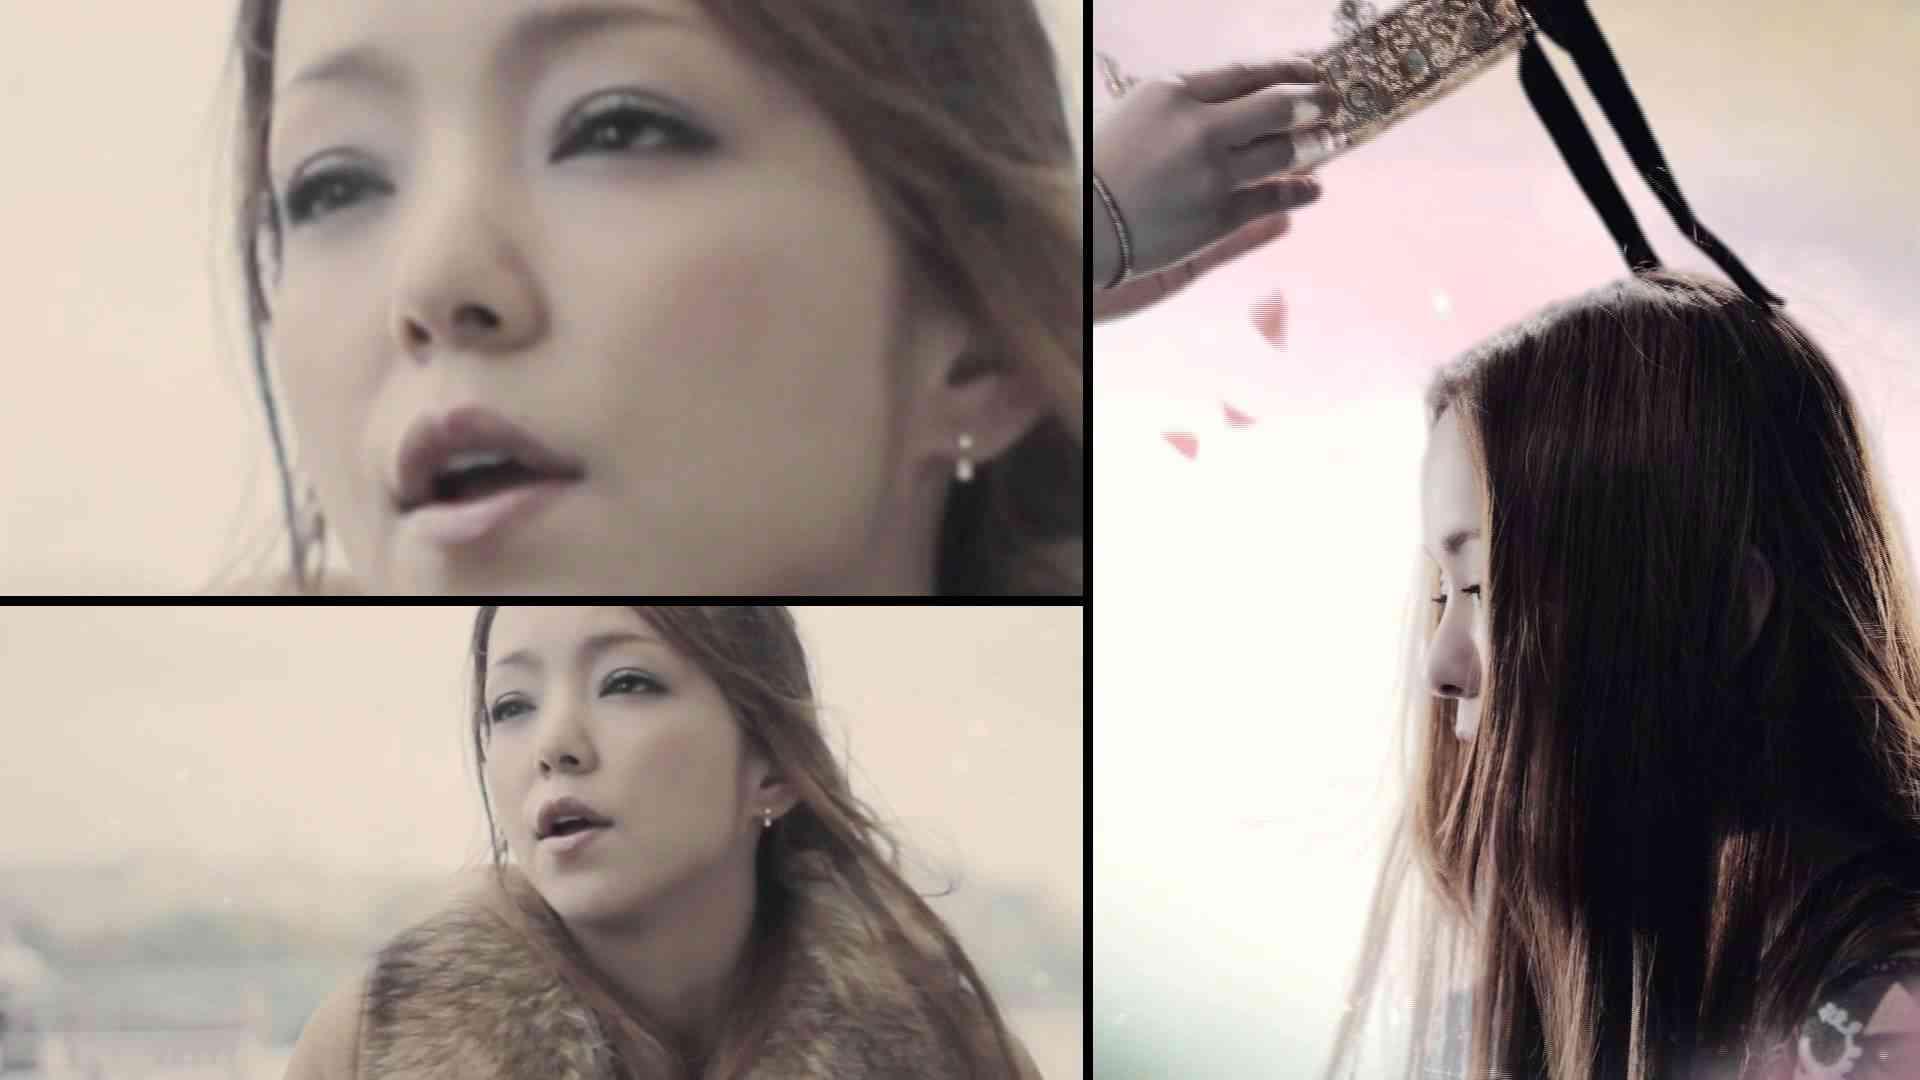 安室奈美恵 / Ballad Best Album『Ballada』 Mash Up Movie - YouTube